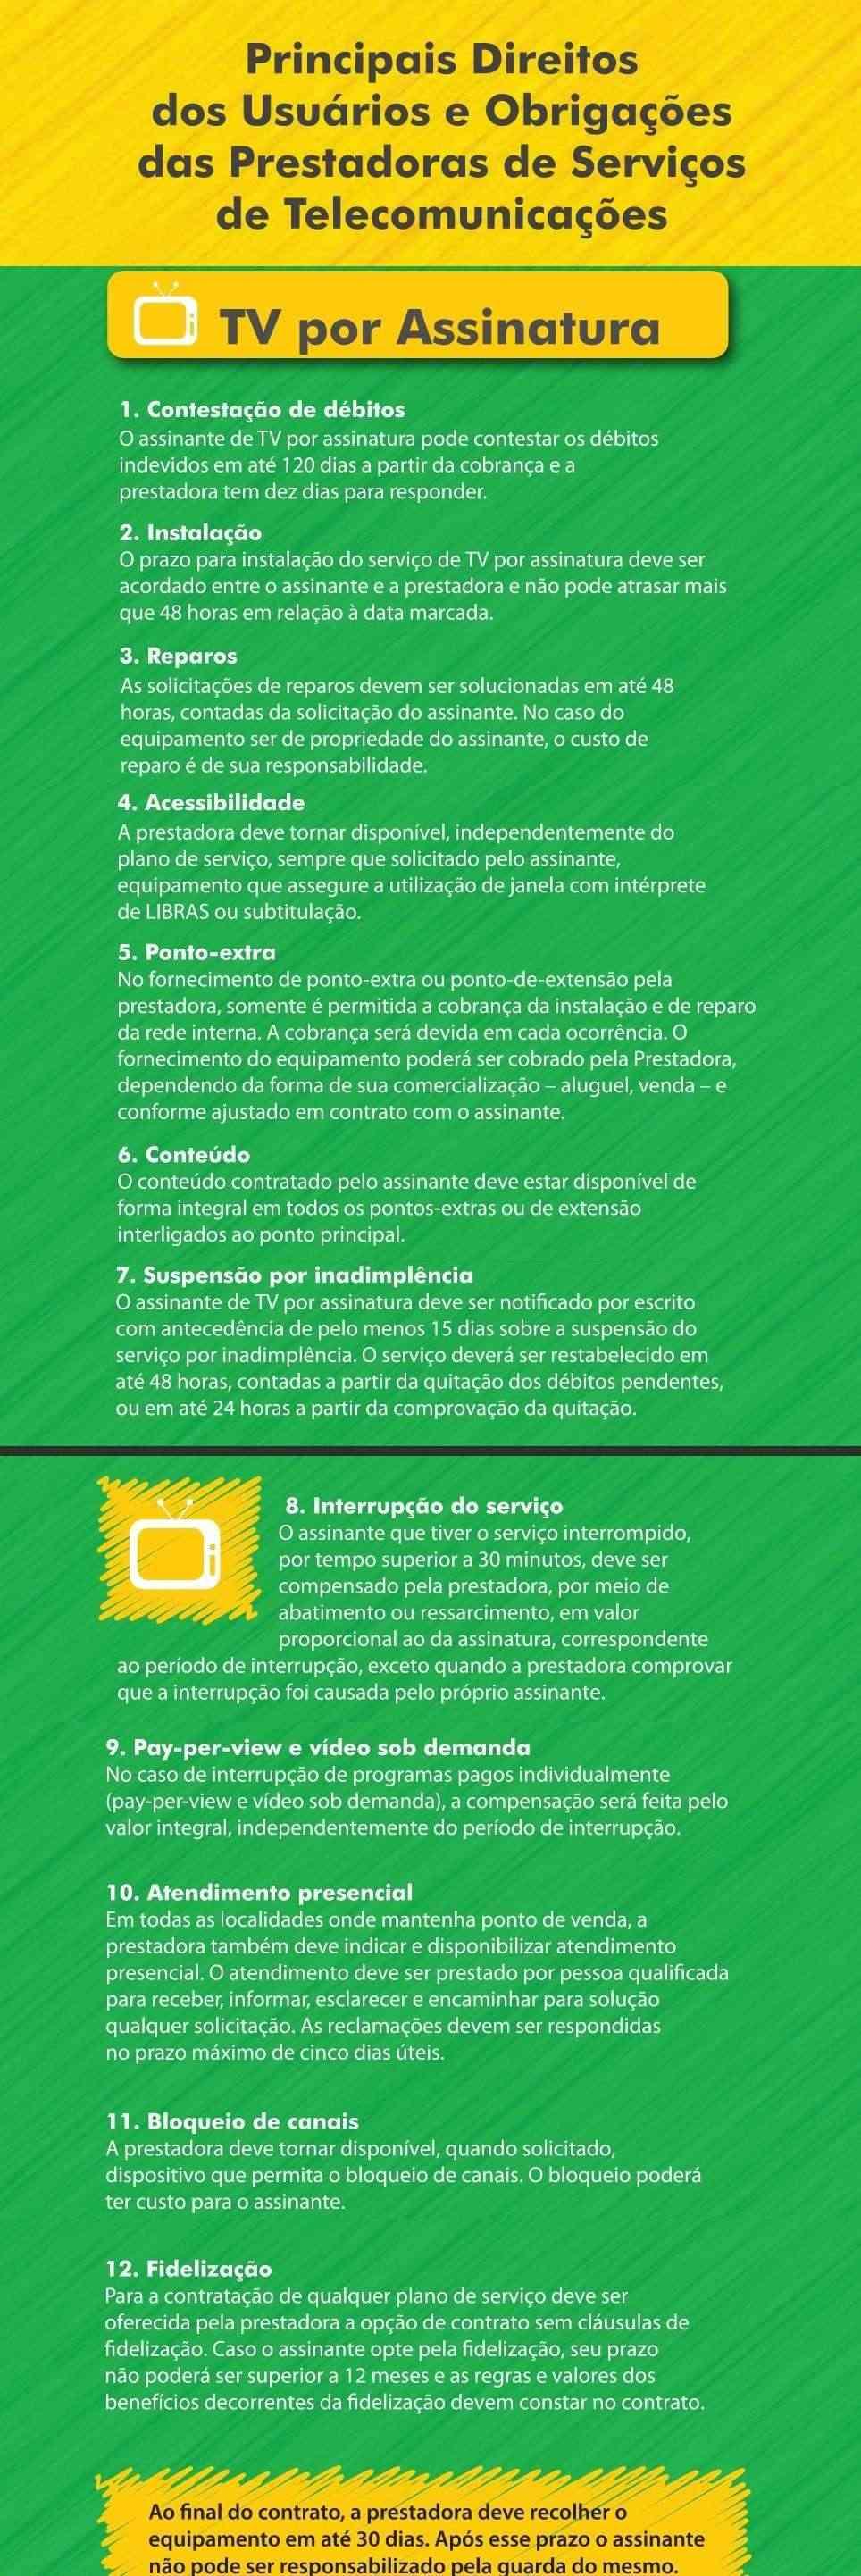 Principais Direitos dos Usuários e Obrigações das Prestadoras de Serviços de Telecomunicações Screen22